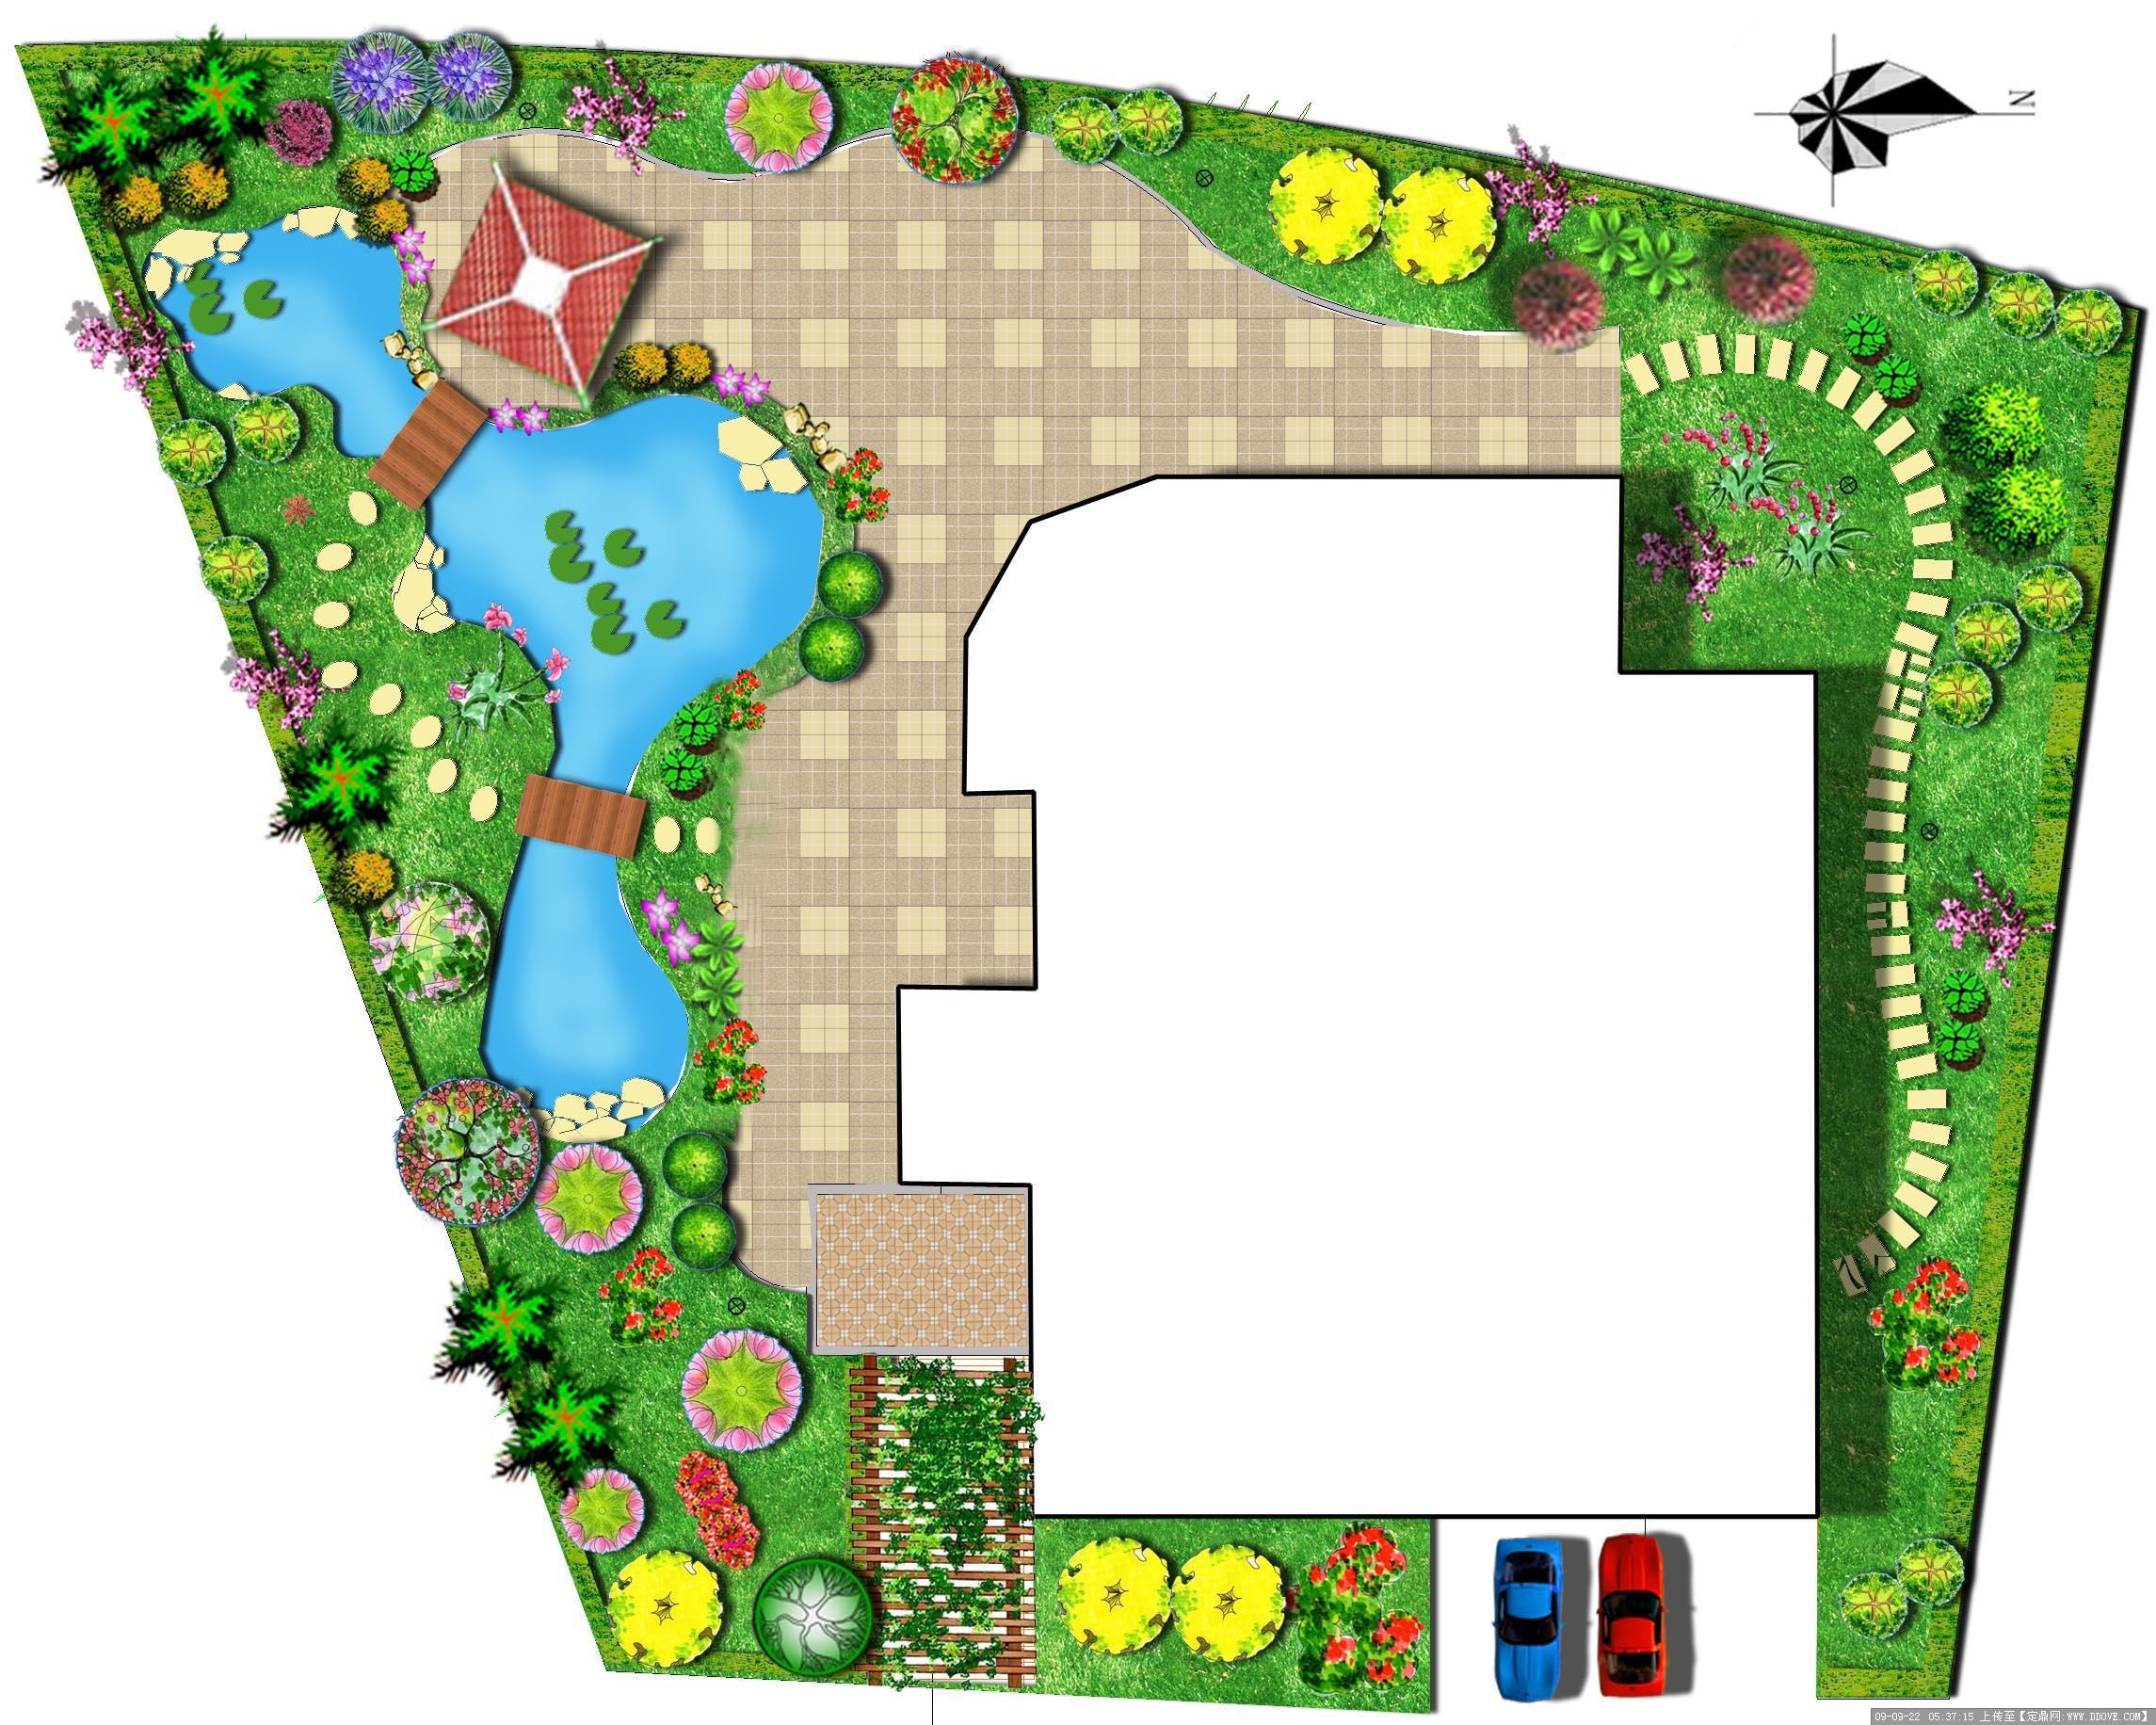 小庭院景观设计; 平面图-;